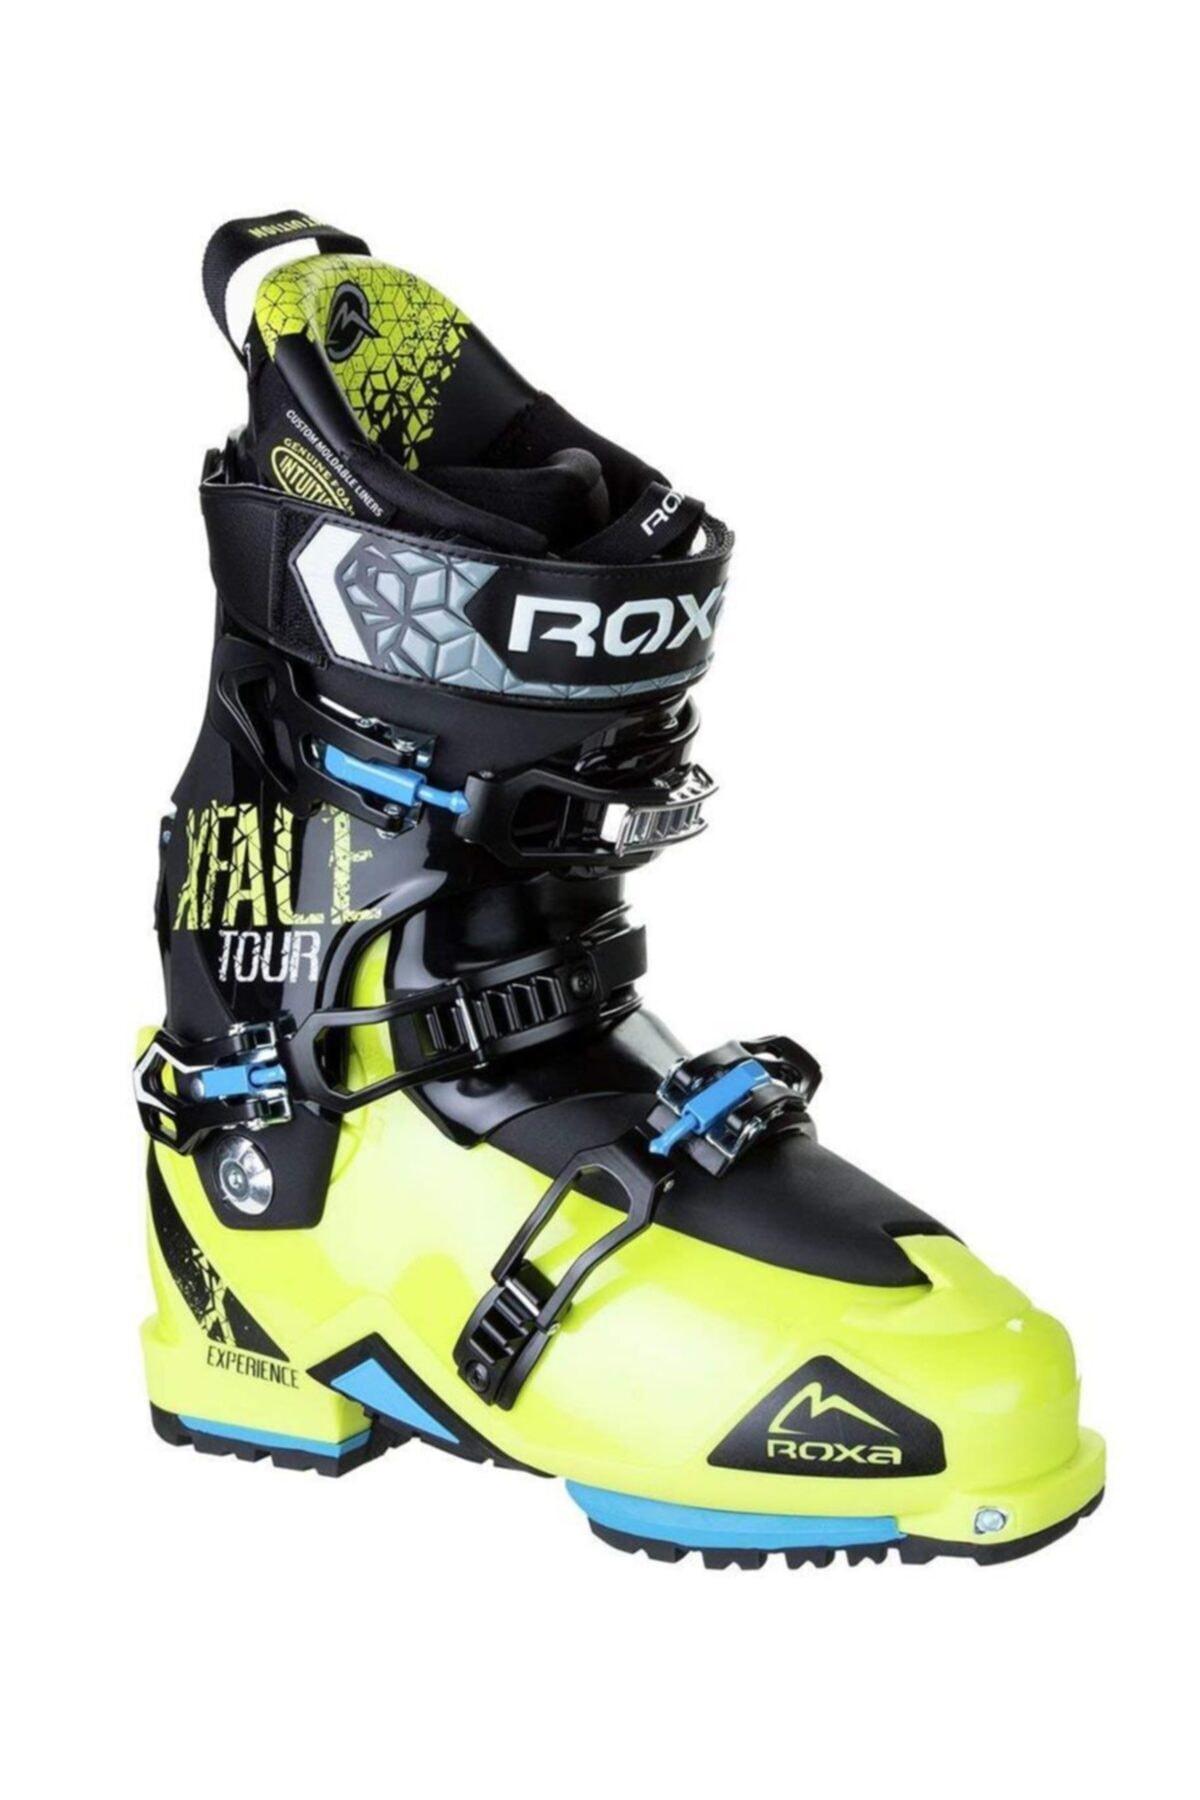 Roxa X-face Tur - Kayak Ayakkabısı 2